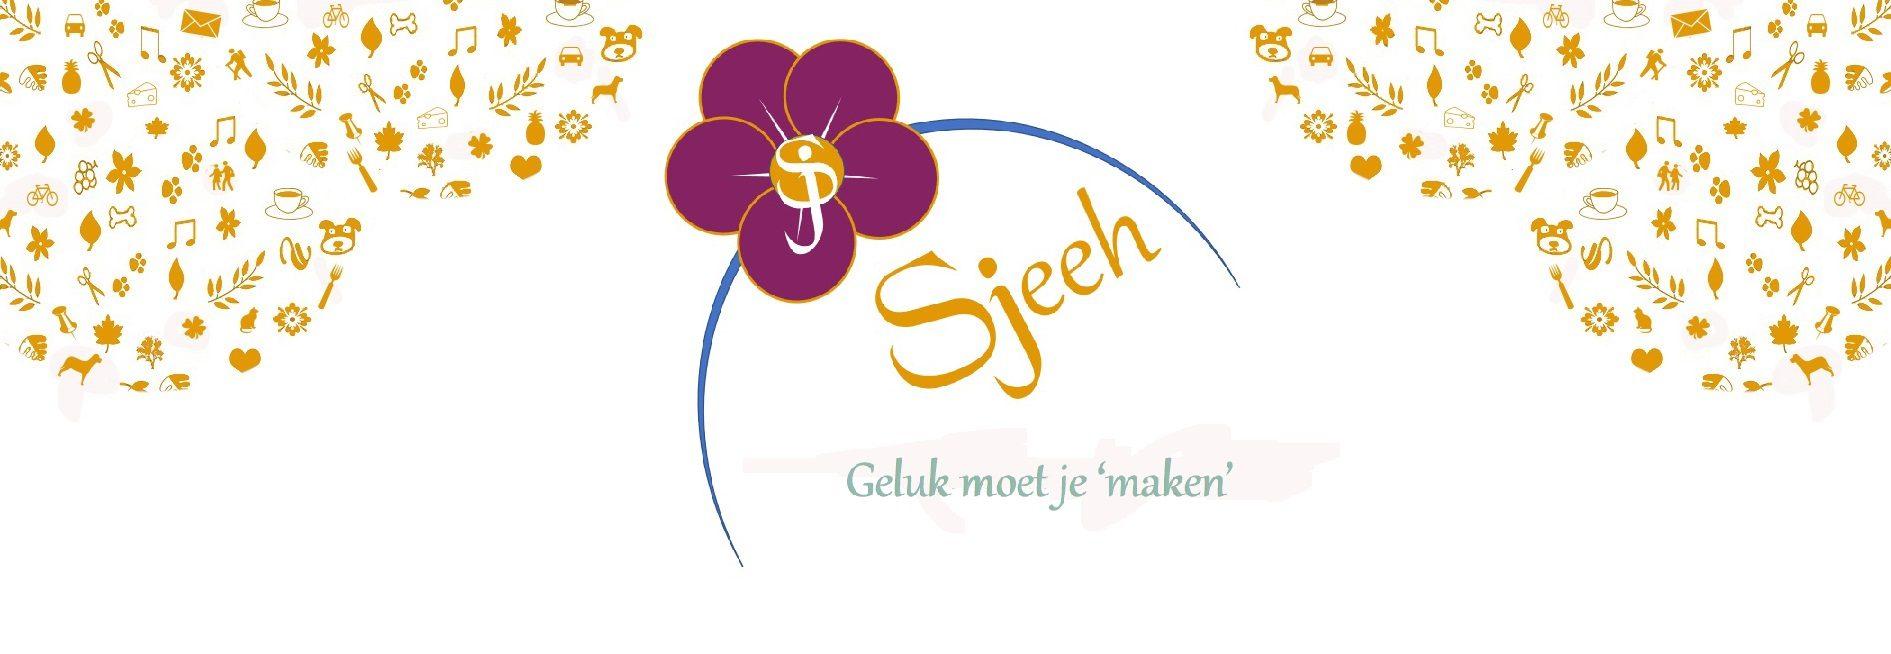 Sjeeh